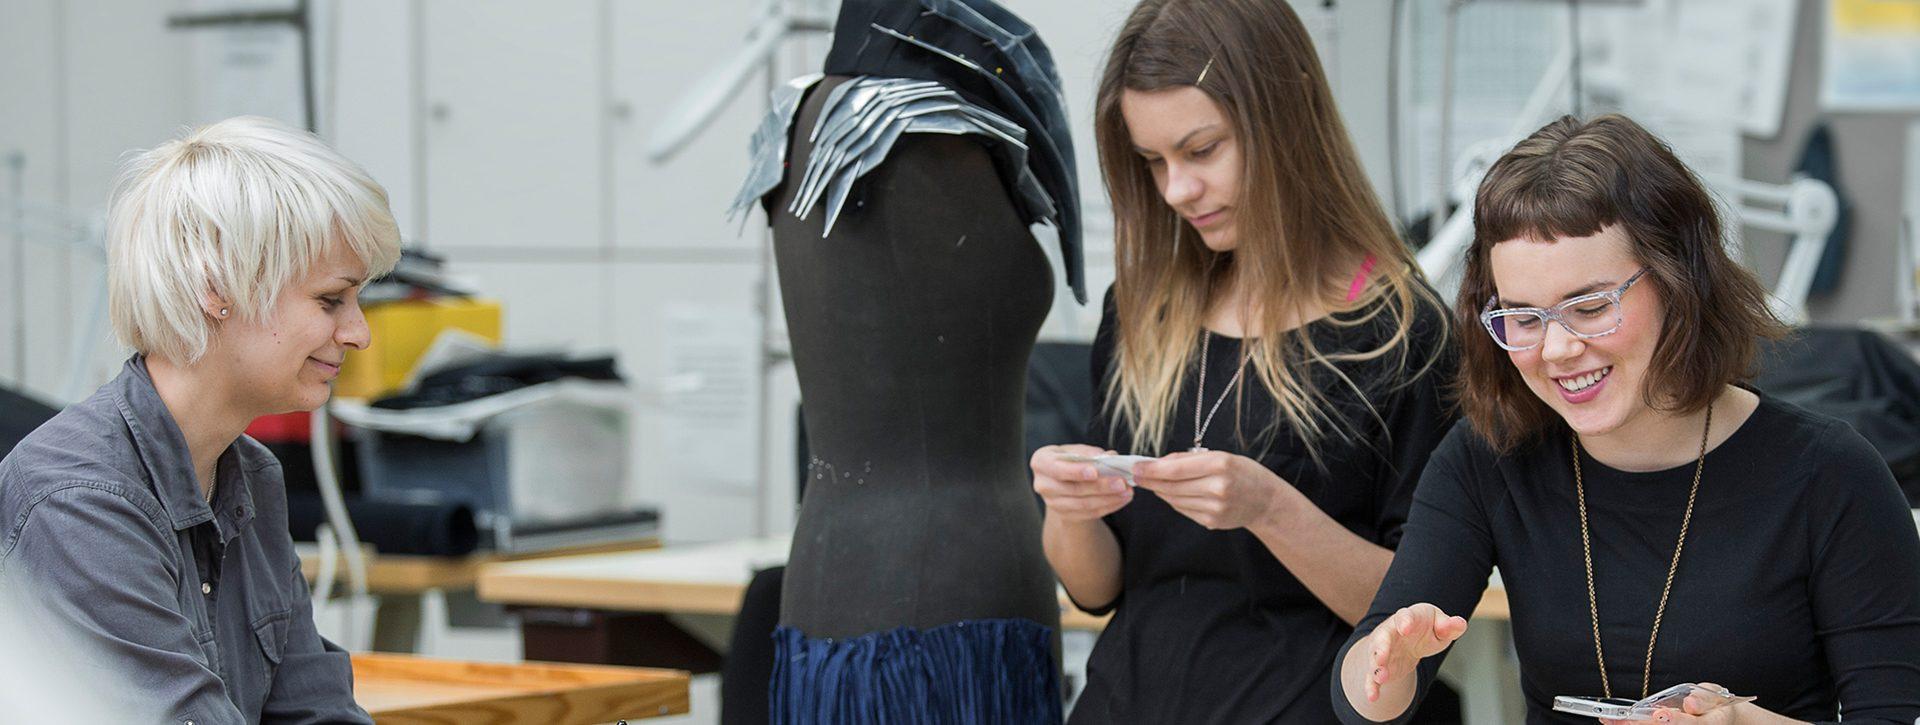 Muoti ja puvustus -opiskelijat sommittelevat vaatetta mallinuken päälle.